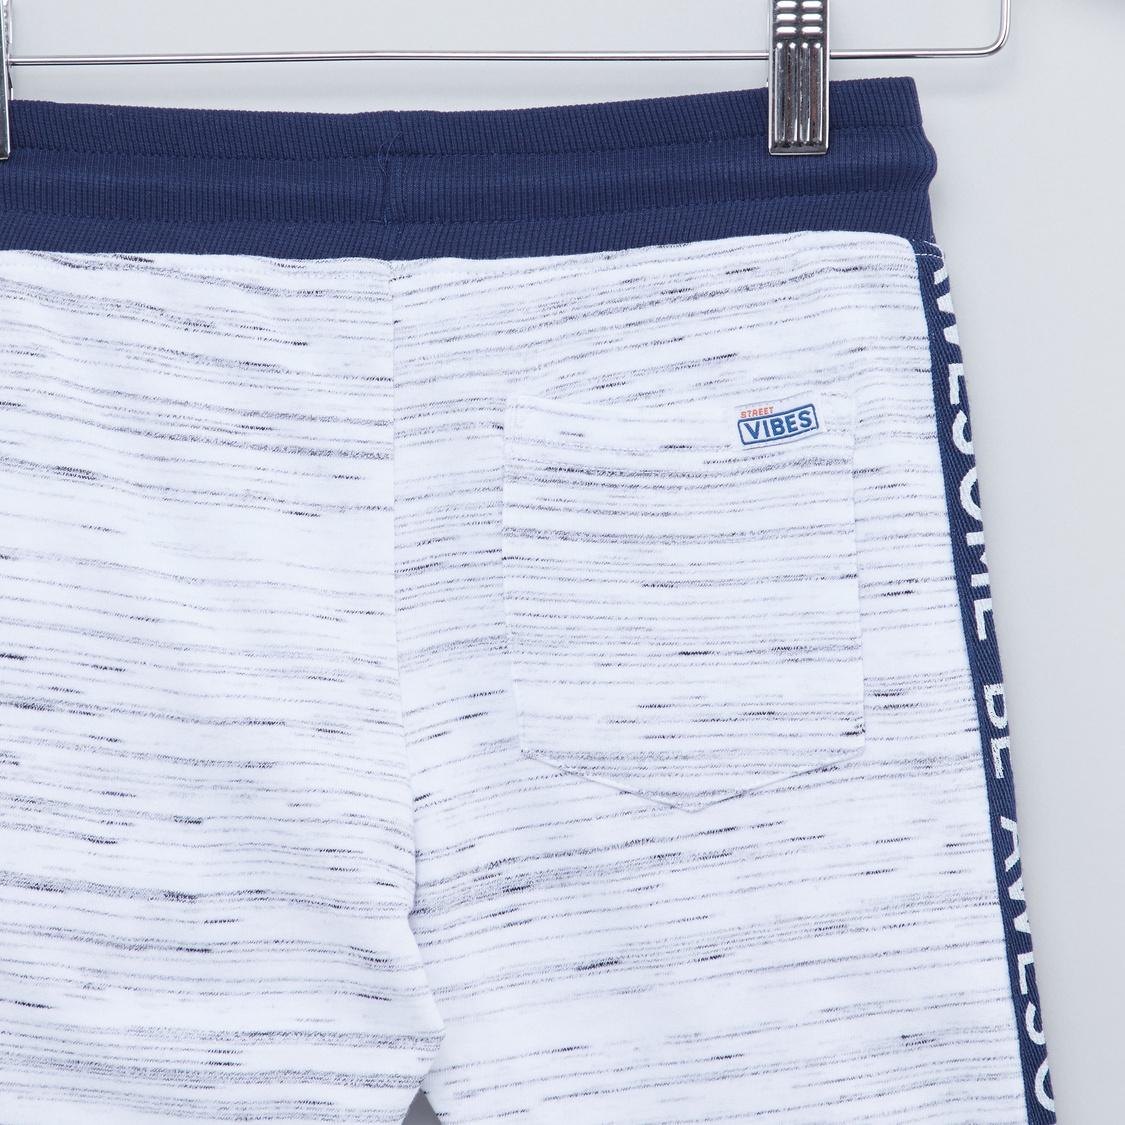 Printed Jog Pants with Drawstring and Pocket Detail